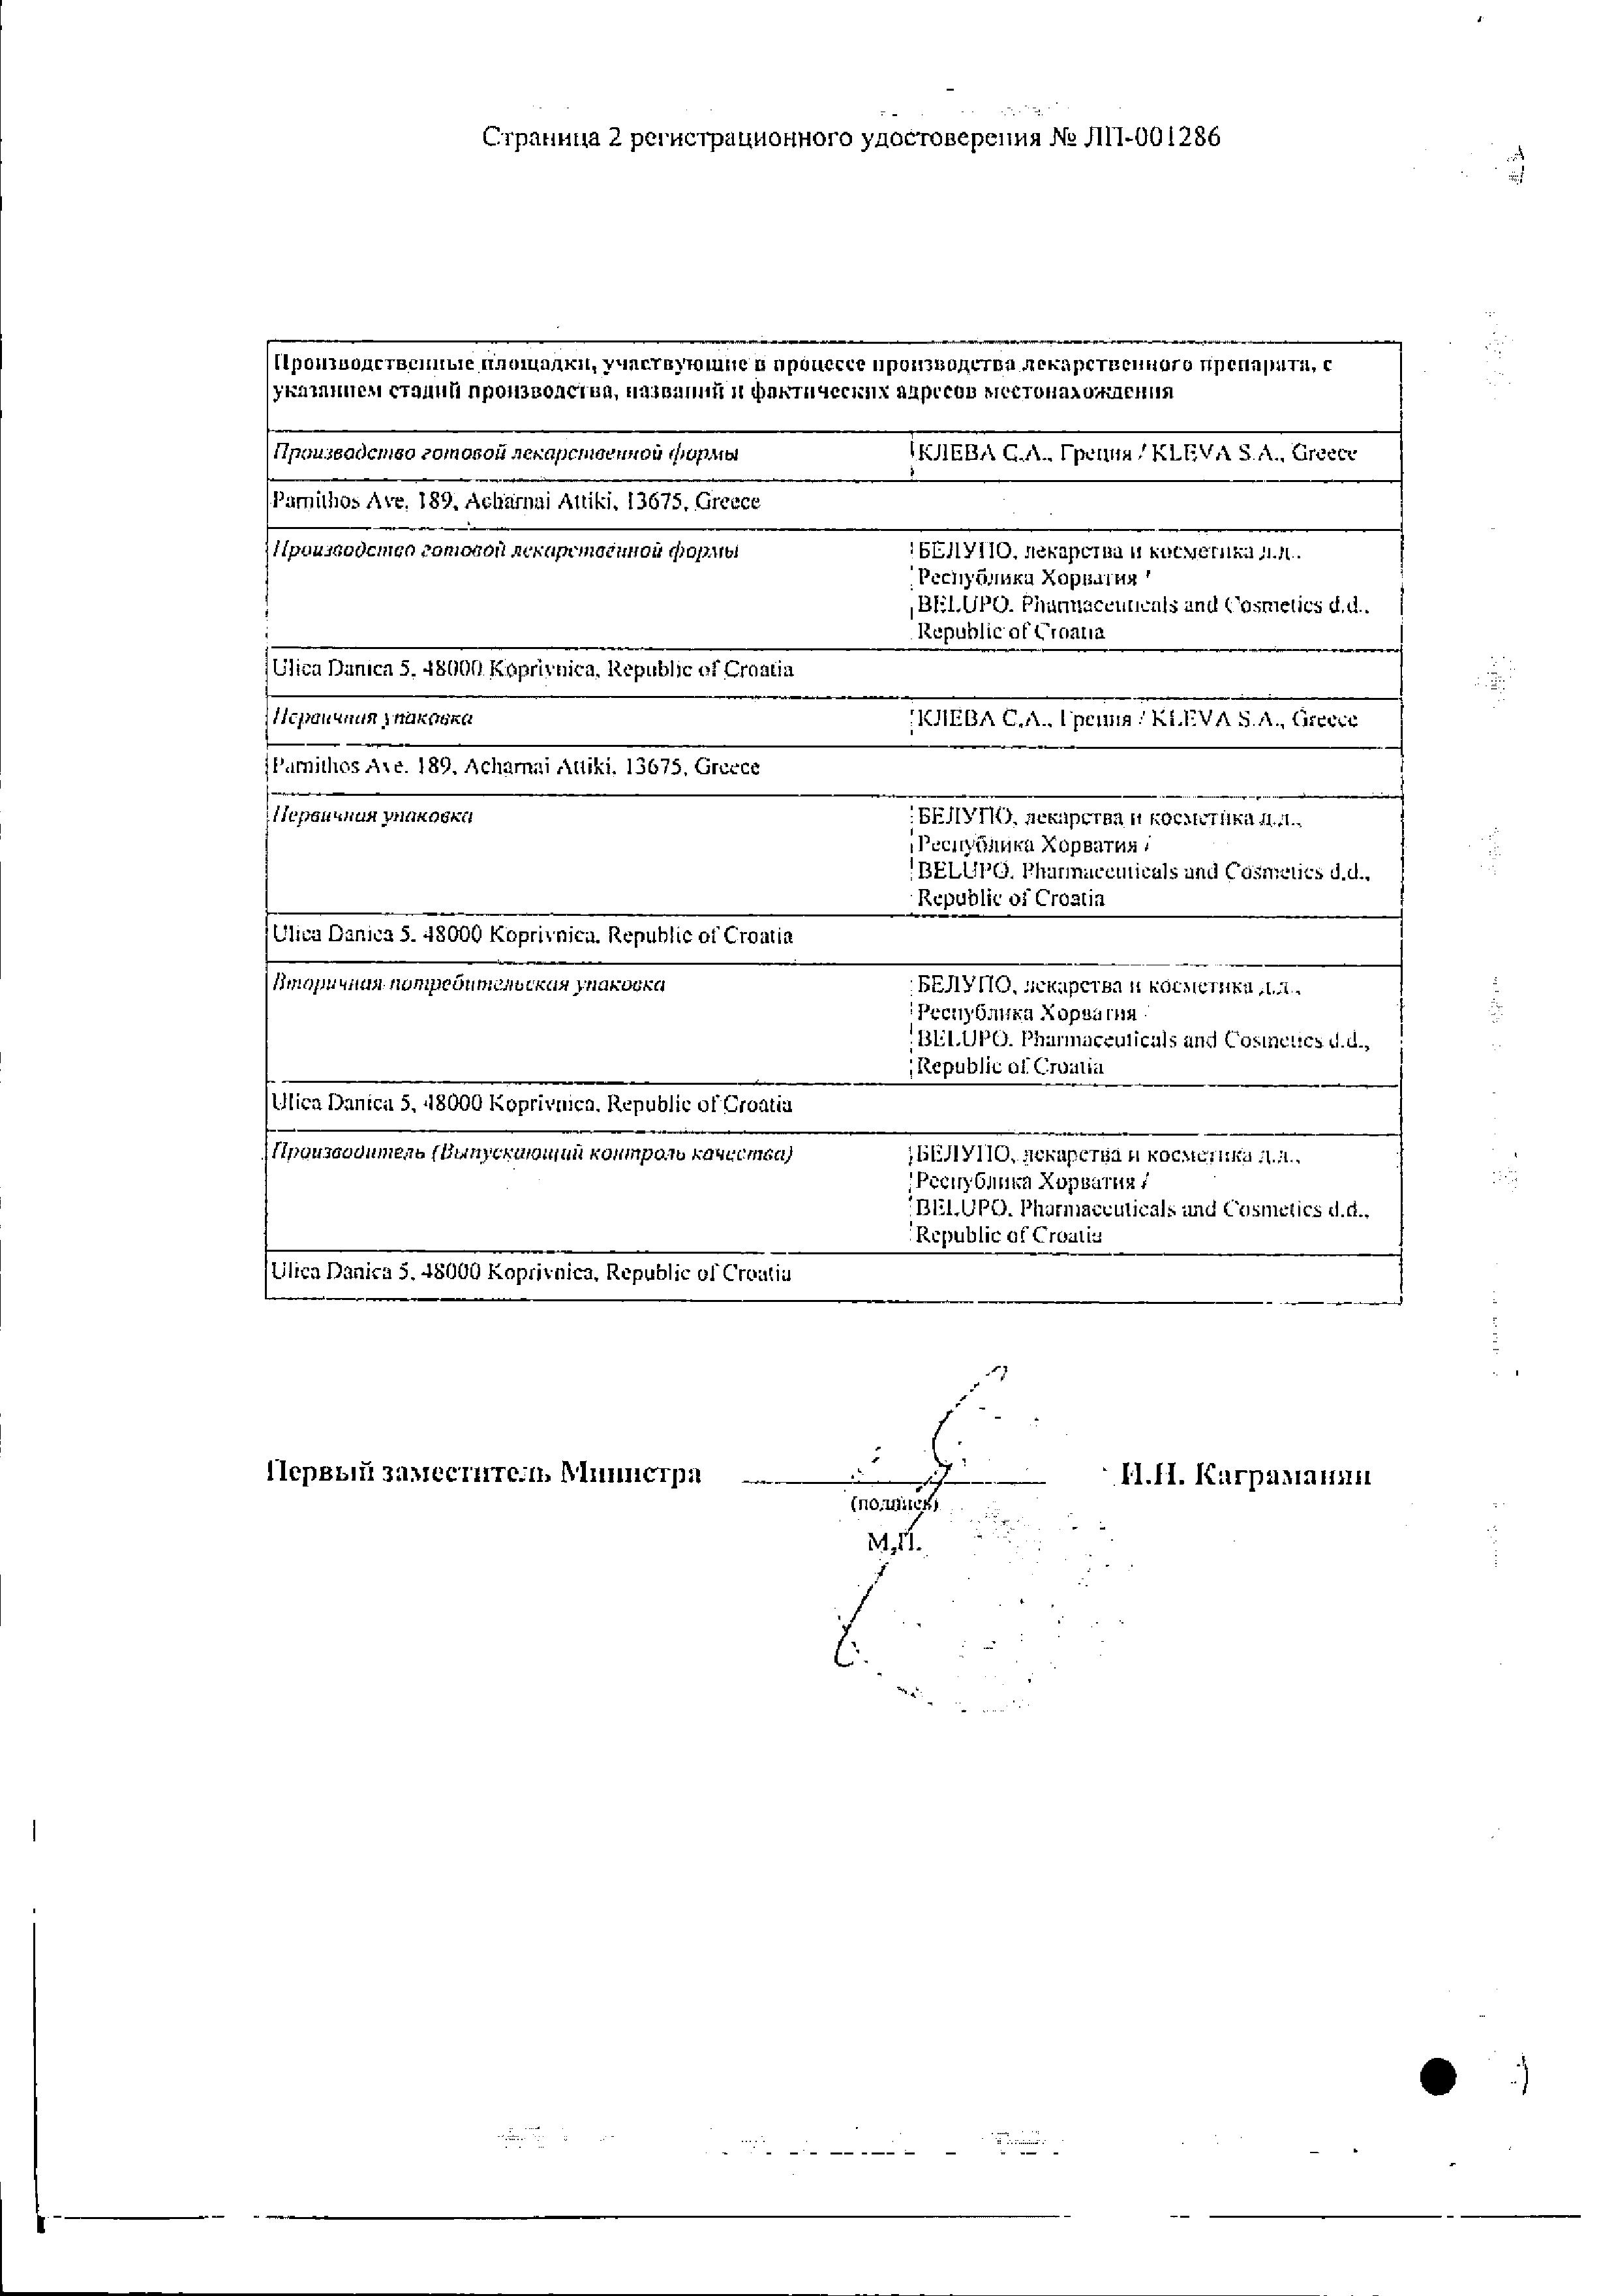 Бондерм сертификат